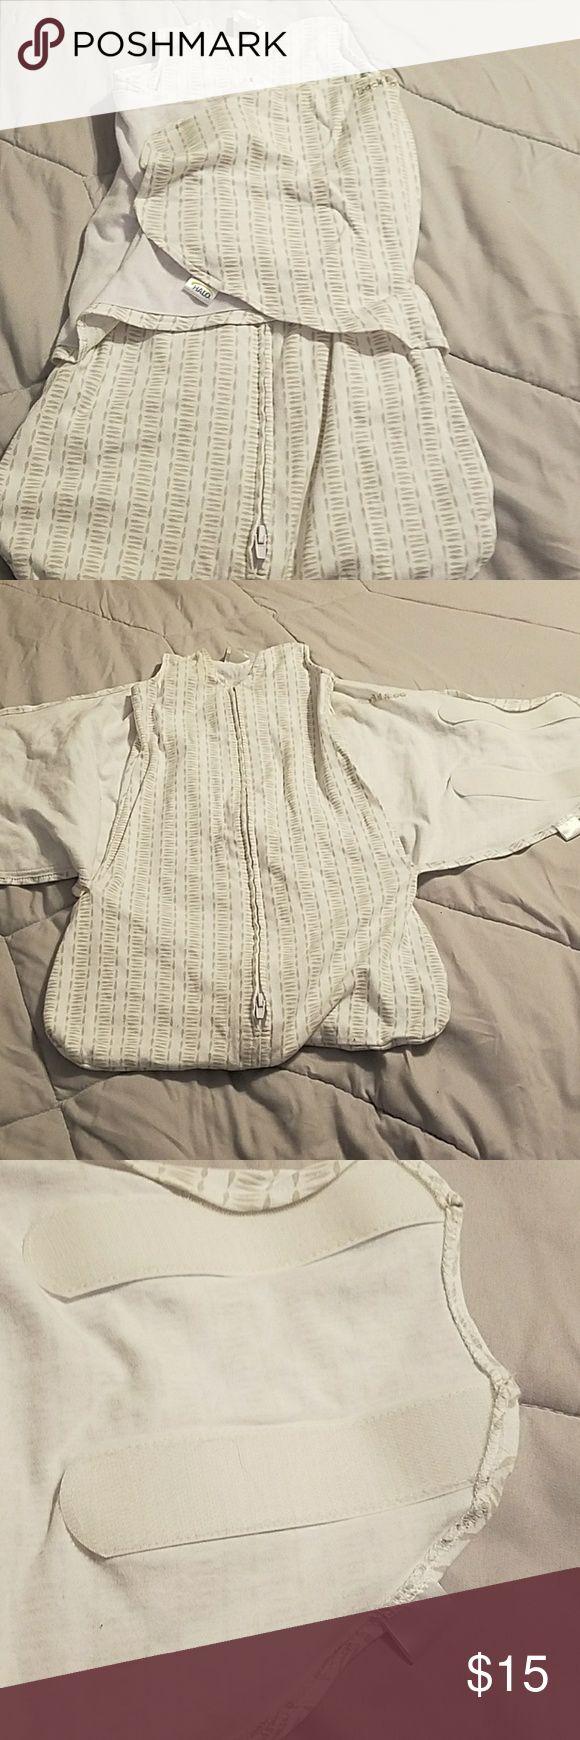 I just added this listing on Poshmark: Velcro Swaddle Sleepsack. #shopmycloset #poshmark #fashion #shopping #style #forsale #Other